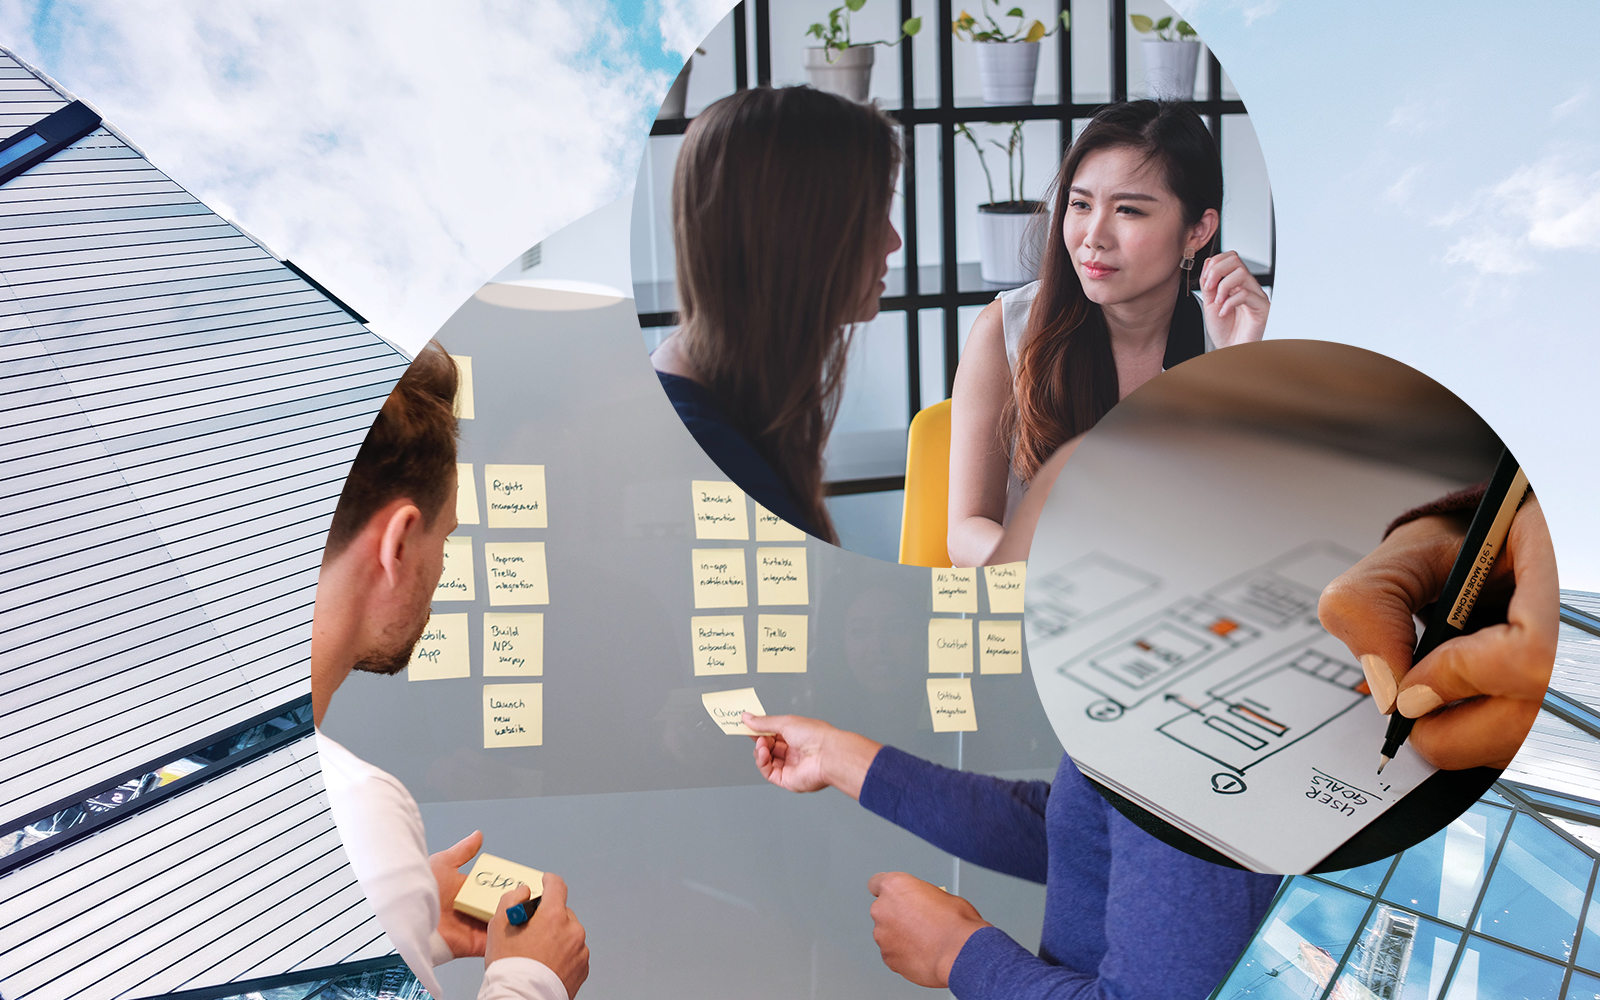 Tiatco vergleicht Emarsys und SAP Marketing Cloud